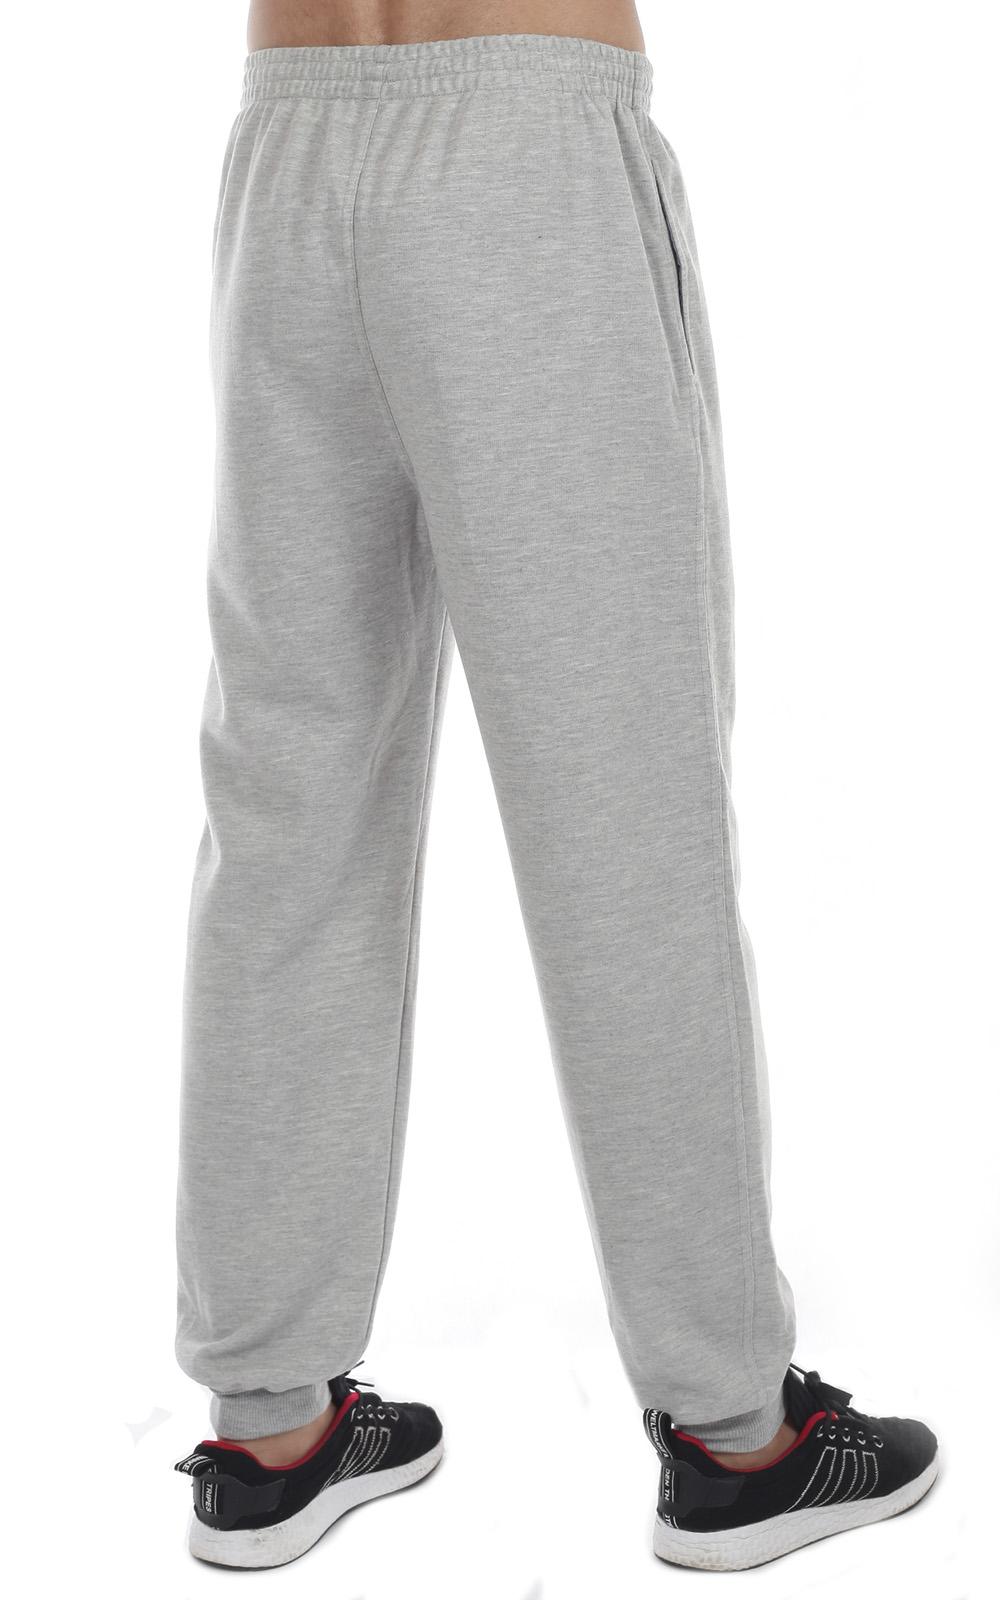 Недорогие мужские спортивные штаны с резинкой